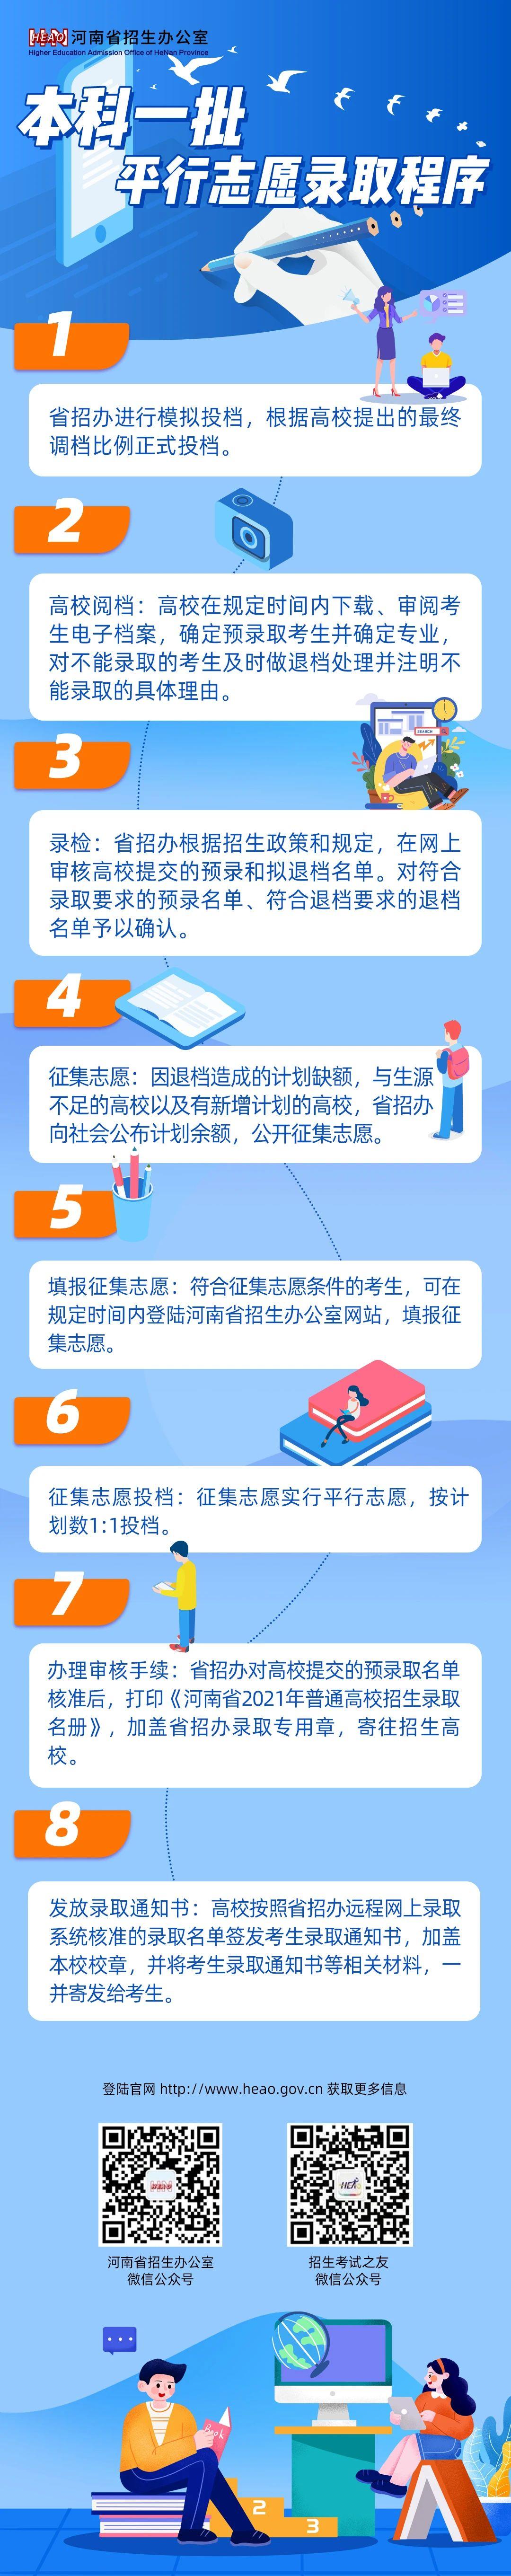 2021年河南普通高校招生本科一批平行志愿录取程序